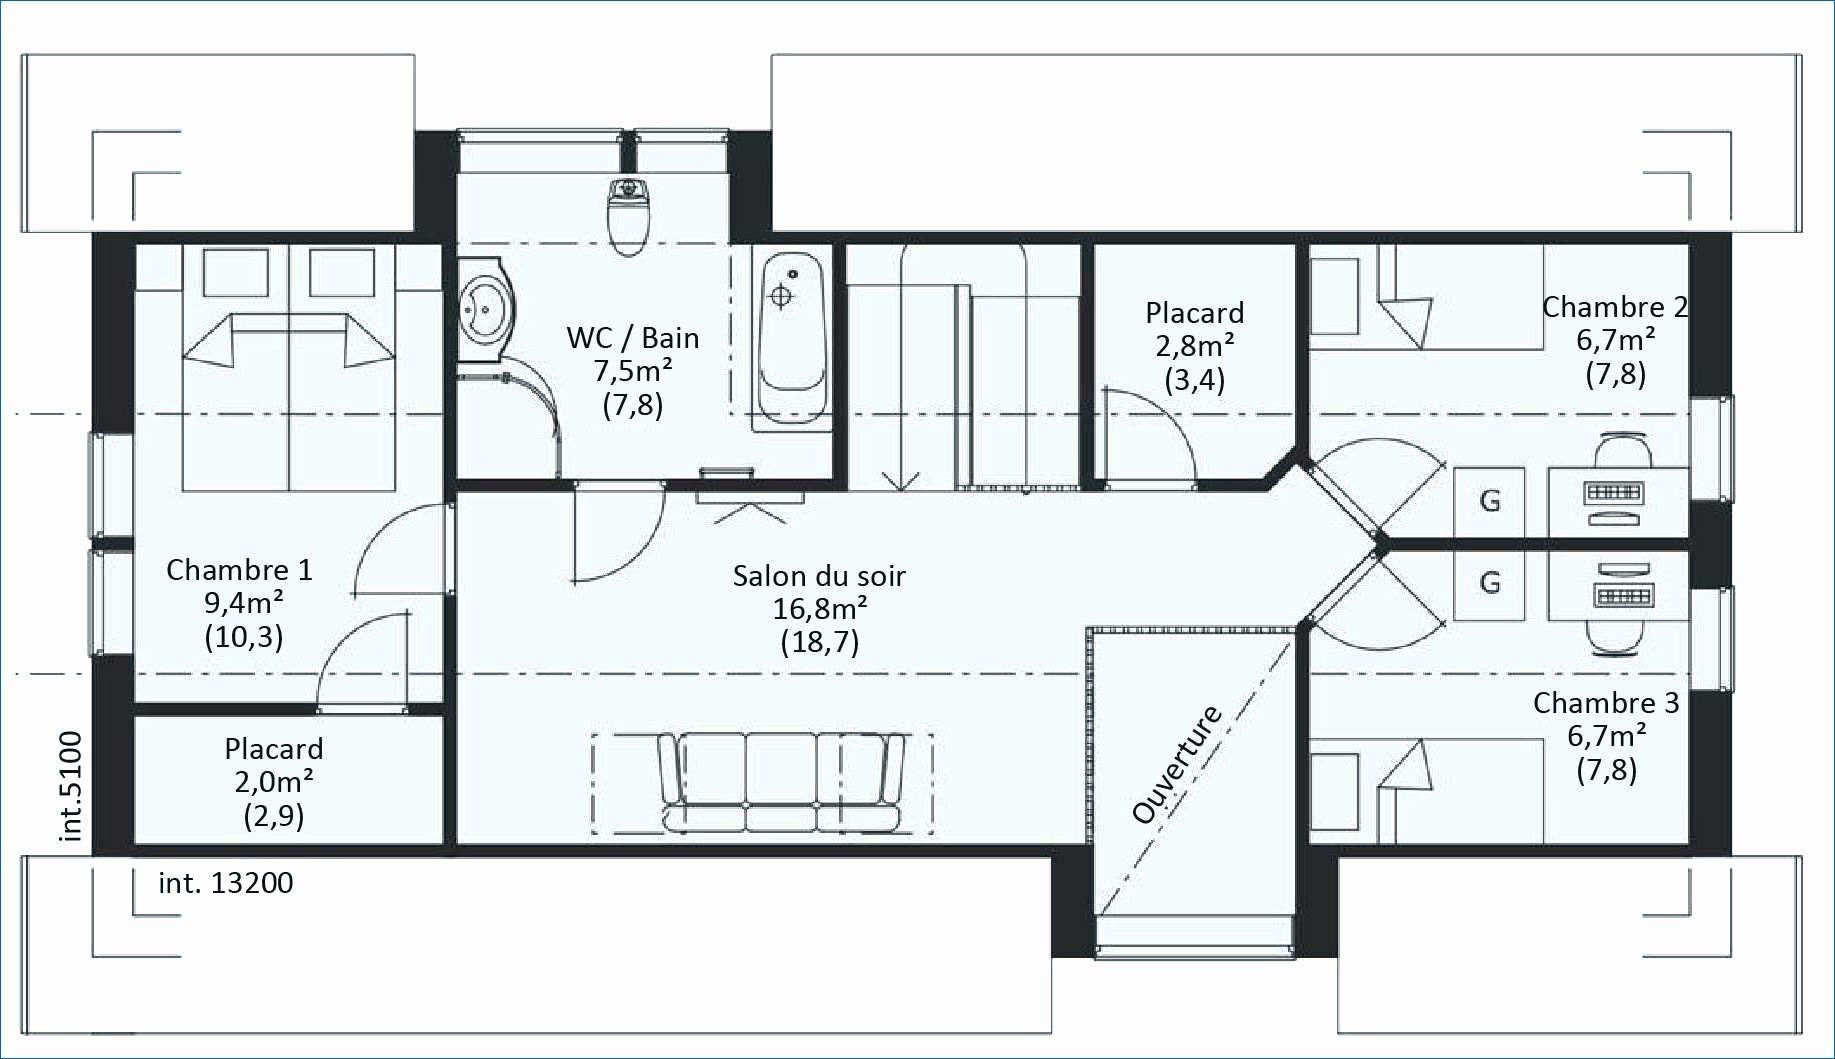 30 Logiciel Plan 2d Maison Plan De La Maison Plan Maison Maison Ossature Bois Plan Maison Bois